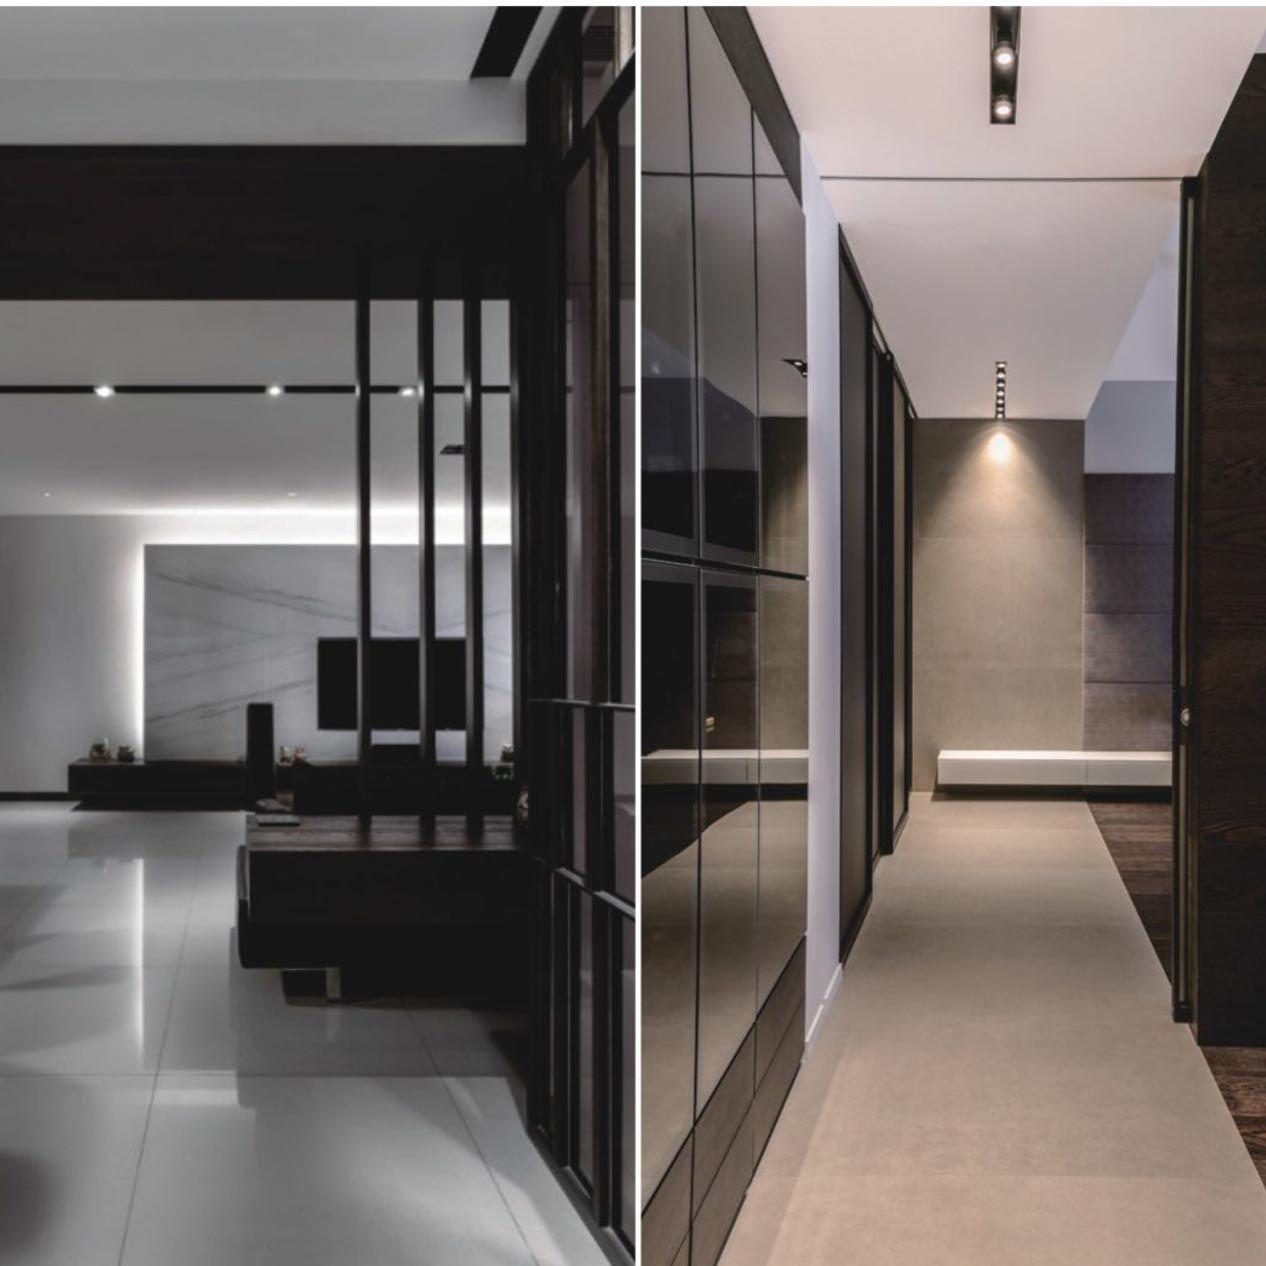 Buy Linear Spotlights In Uae Elettrico In Dubai Lighting Design Interior Apartment Interior Design Creative Interior Design